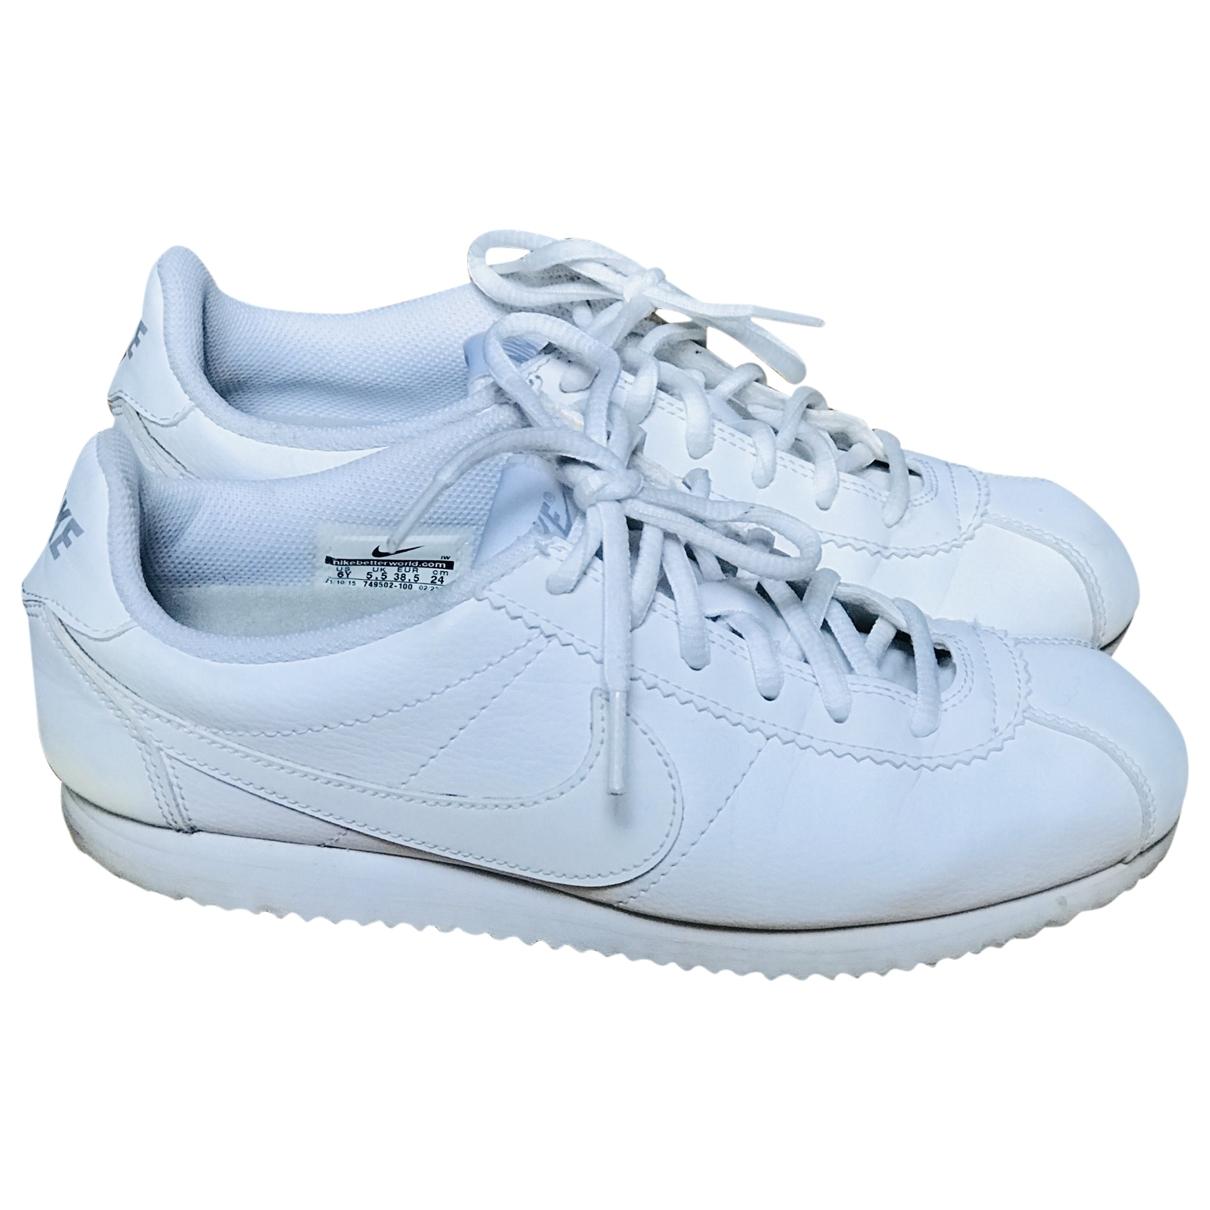 Nike - Baskets Cortez pour femme en cuir - blanc